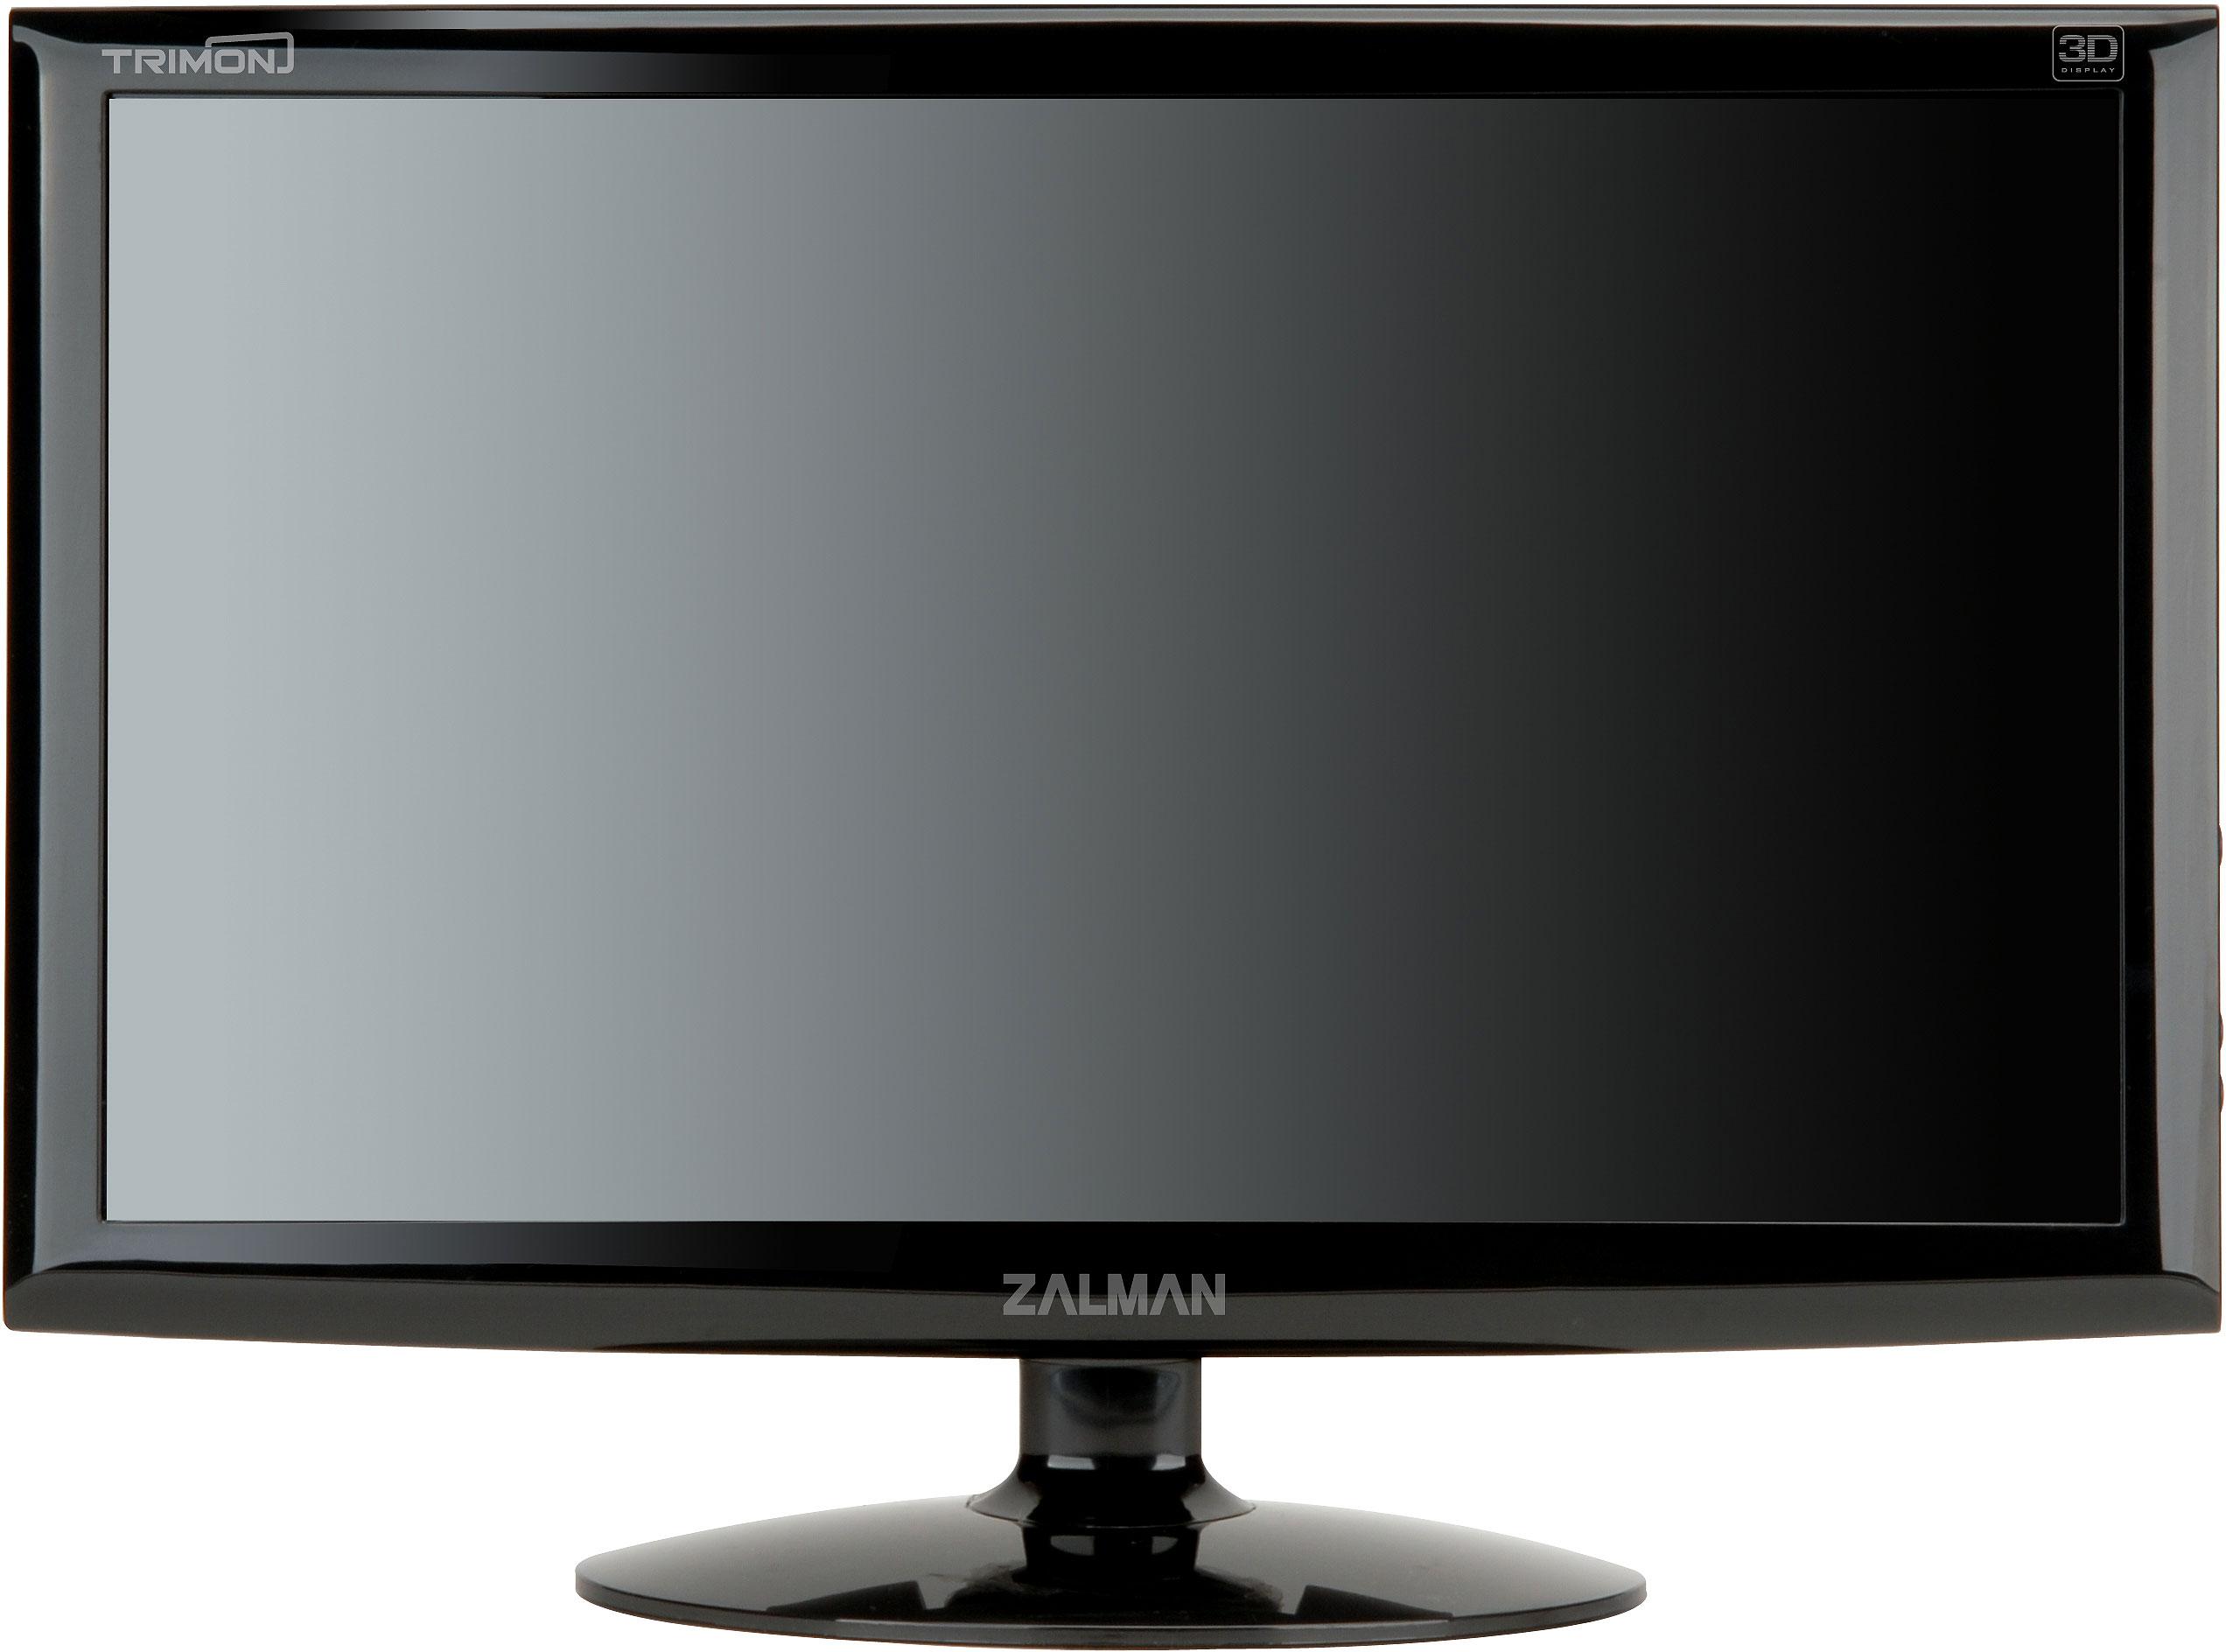 Zalman 2D/3D Convertible Trimon Monitors